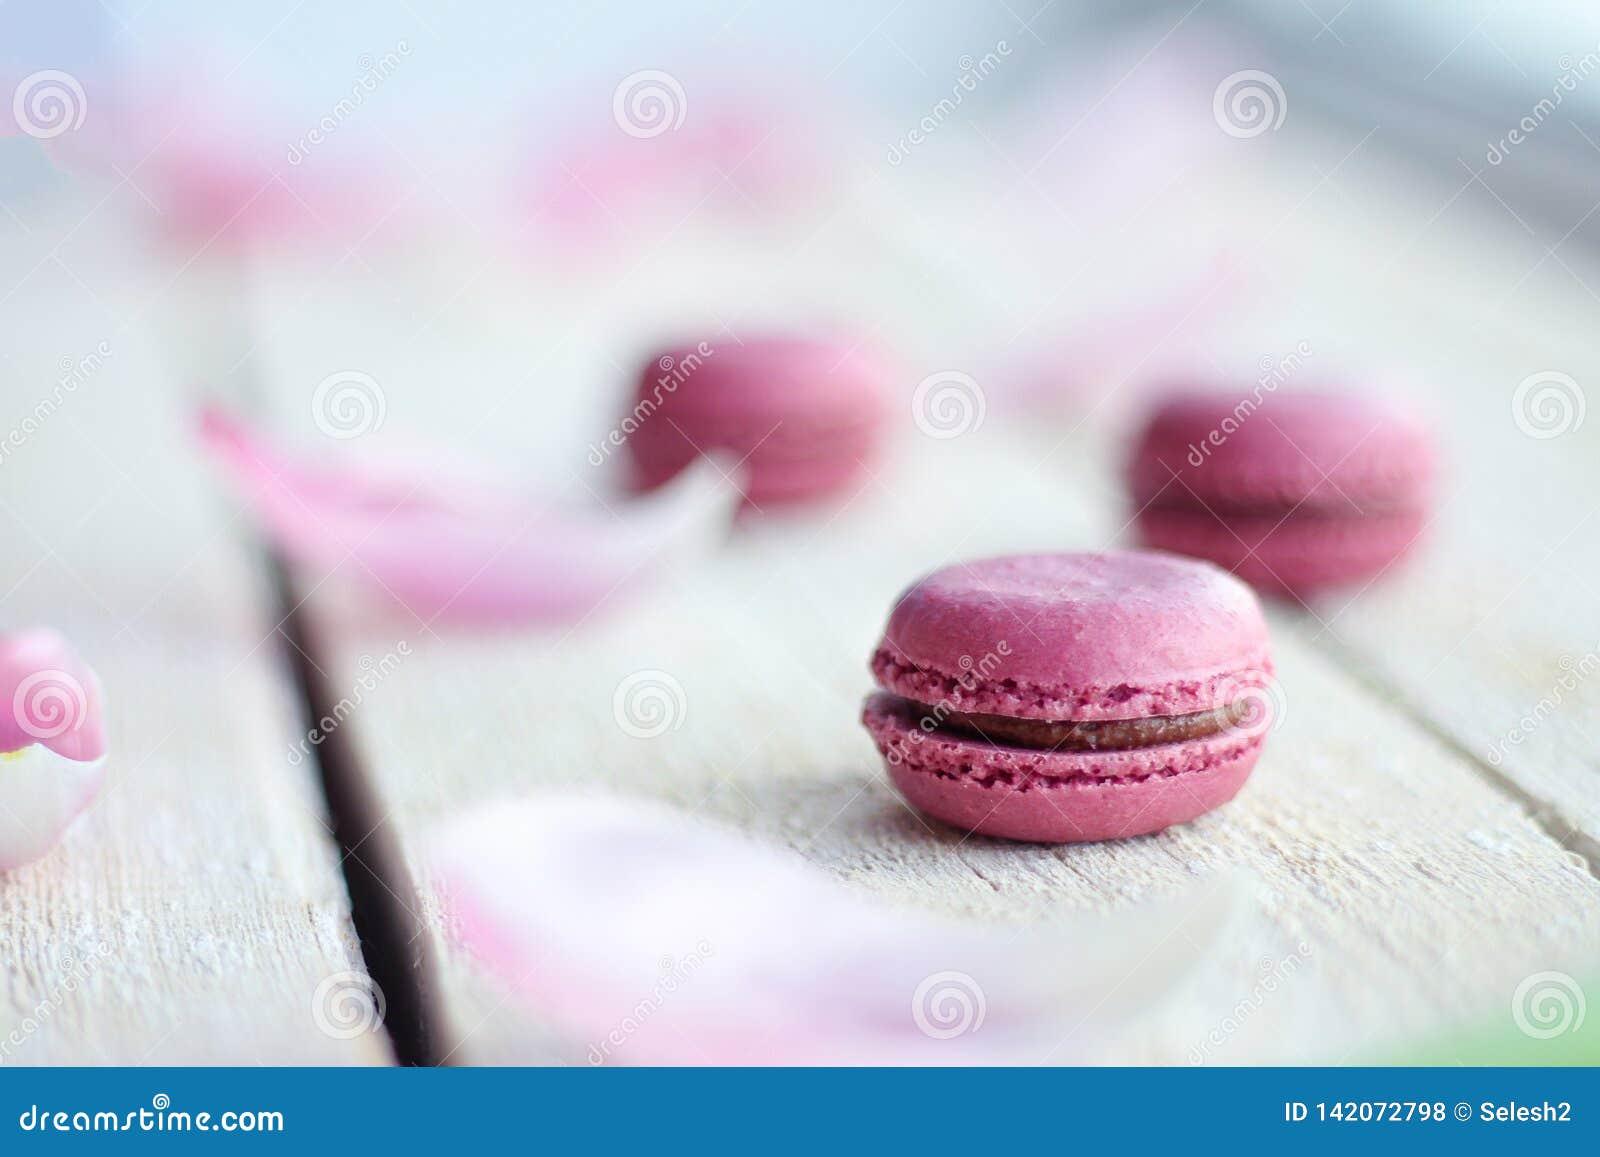 Romantische gevoelige samenstelling met roze bloemen en makaroncakes